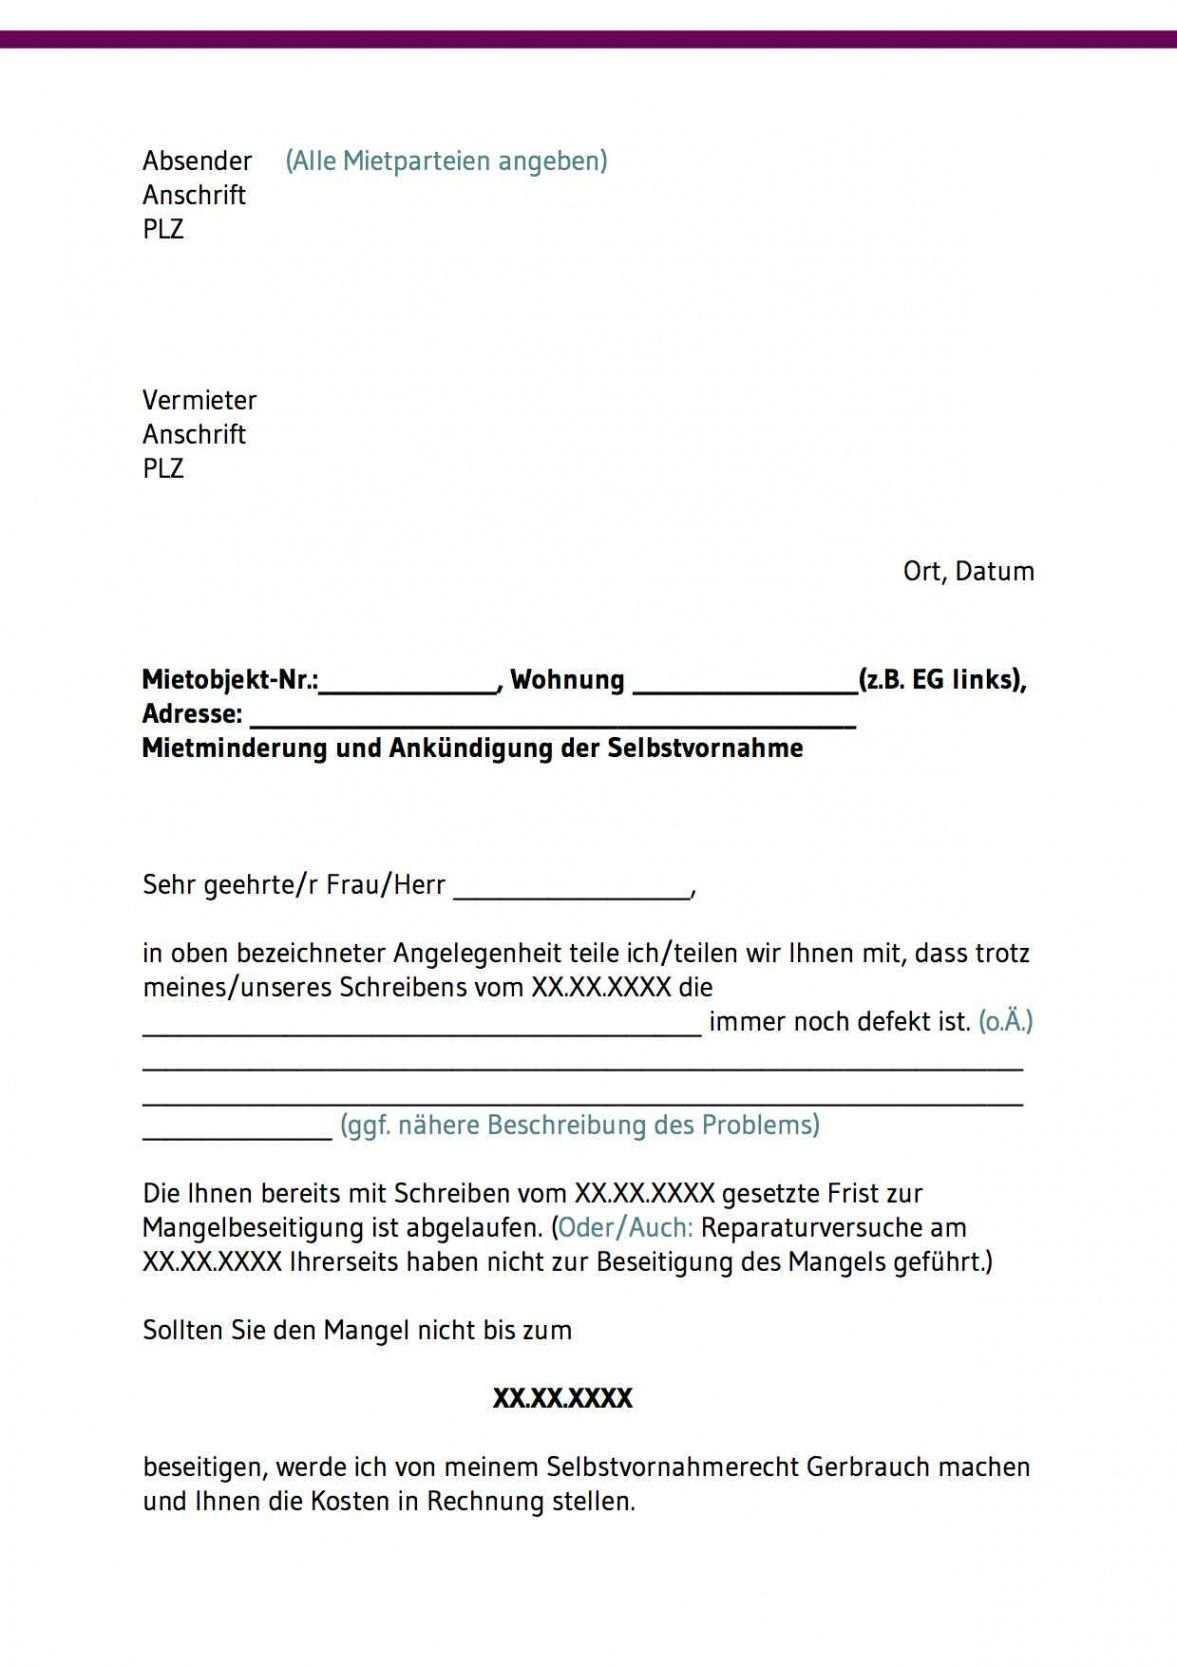 Blattern Unsere Das Sample Von Rechnung An Vermieter Vorlage Rechnung Vorlage Rechnungsvorlage Vorlagen